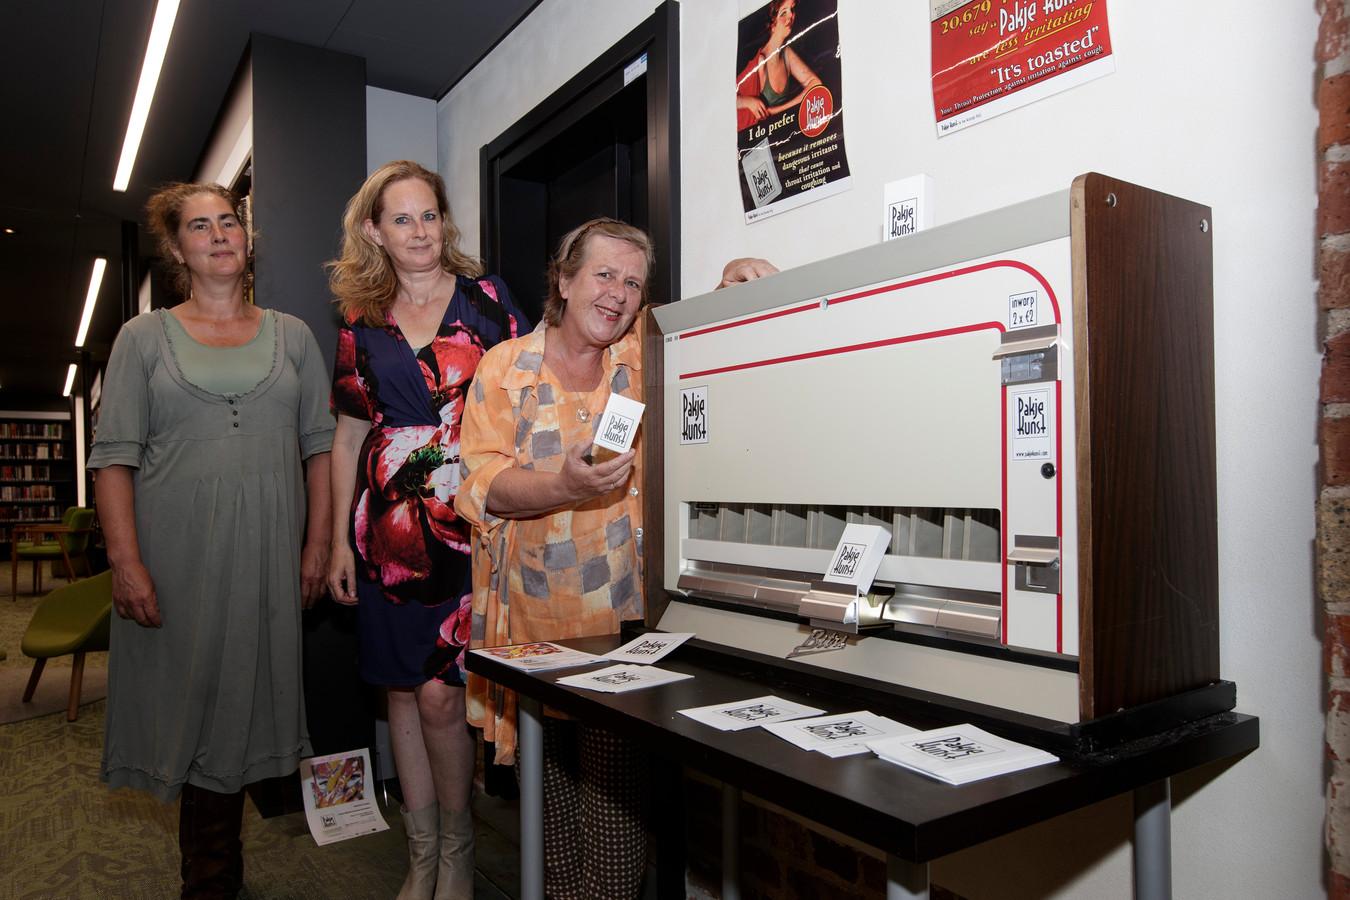 Aankomende vrijdag is de feestelijke opening van Pakje Kunst Zutphen. V.l.n.r. Nicolette Berendsen, Petra Bennis en Carien van Hest.